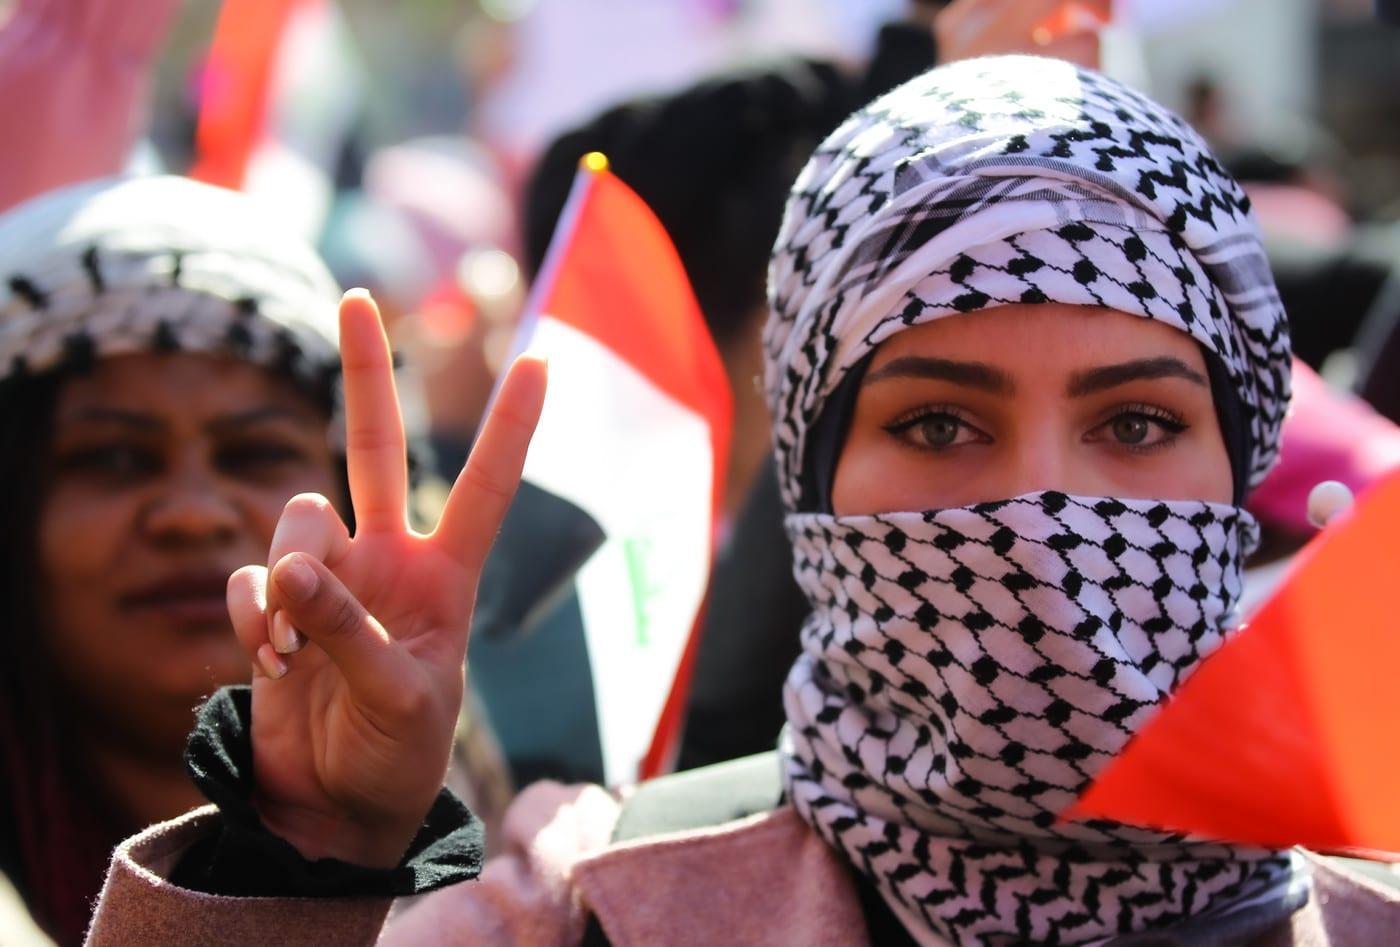 بعد حملات العنف والتشهير: هل تمكّنت نساء العراق من تثبيت وجودهن في ساحات التظاهر؟